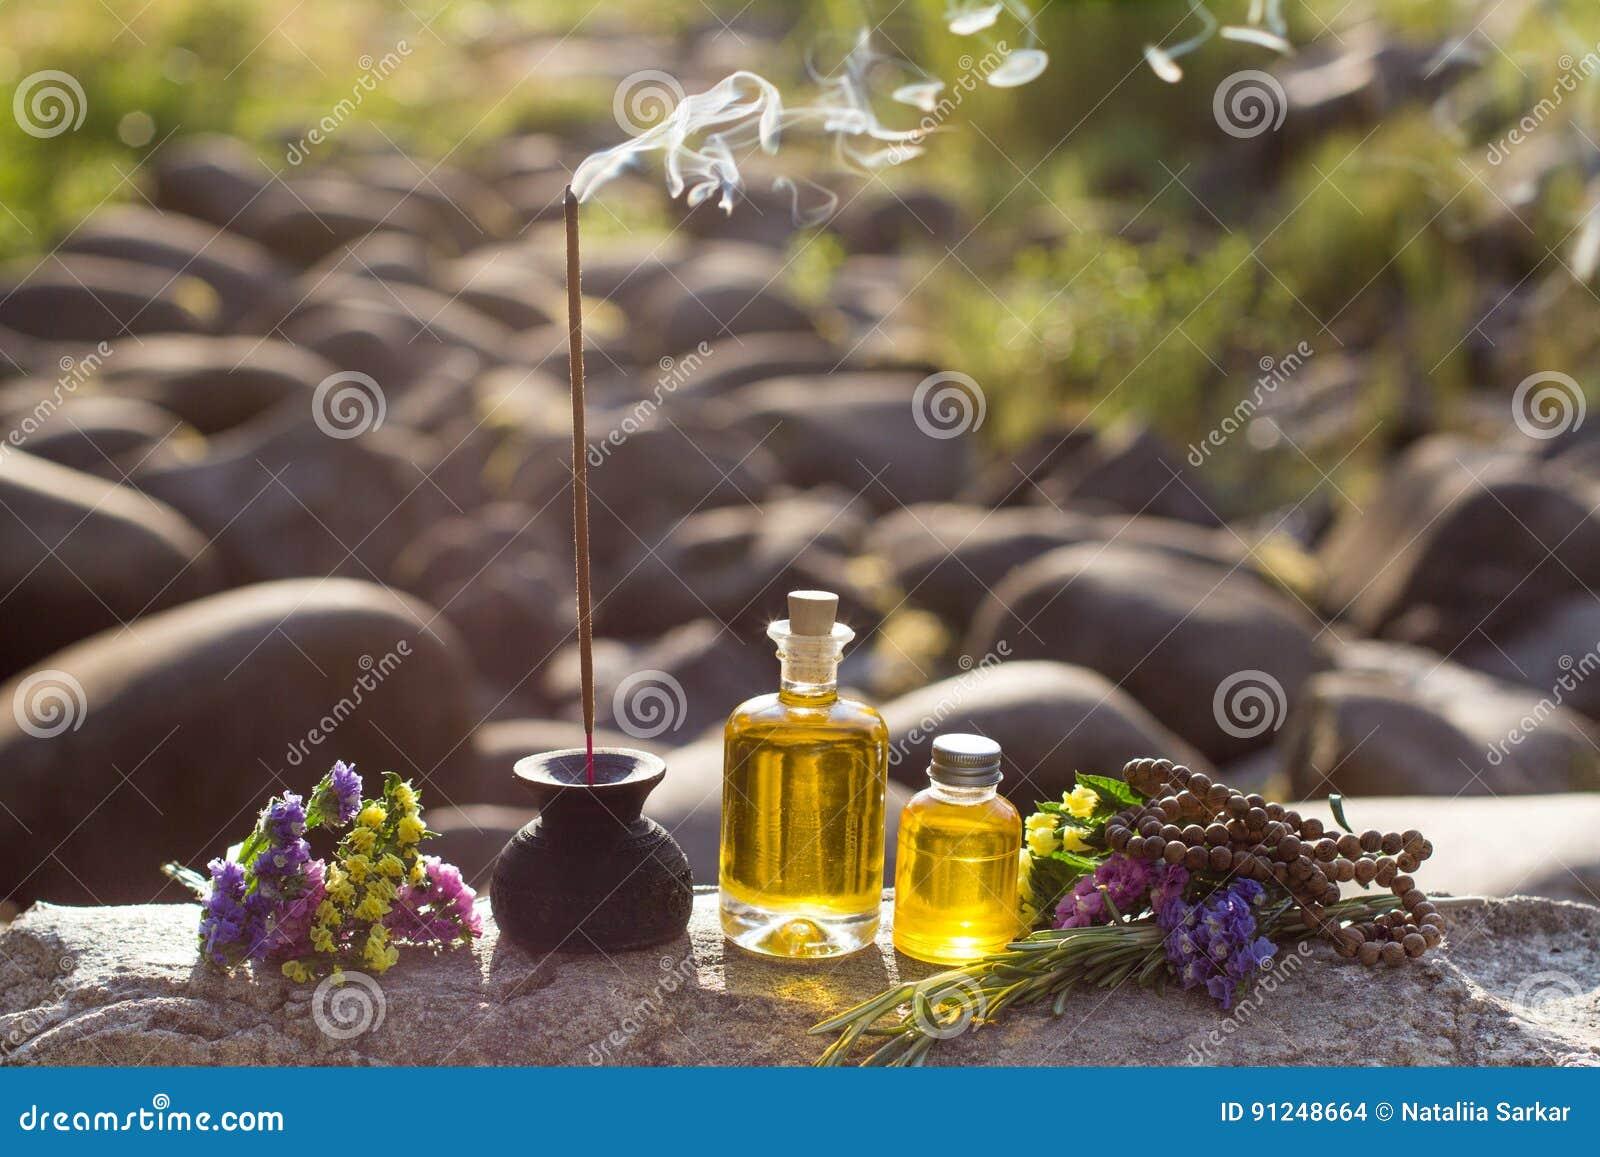 Ουσιαστικά πετρέλαια και αρωματικά ραβδιά για την περισυλλογή σε έναν βράχο